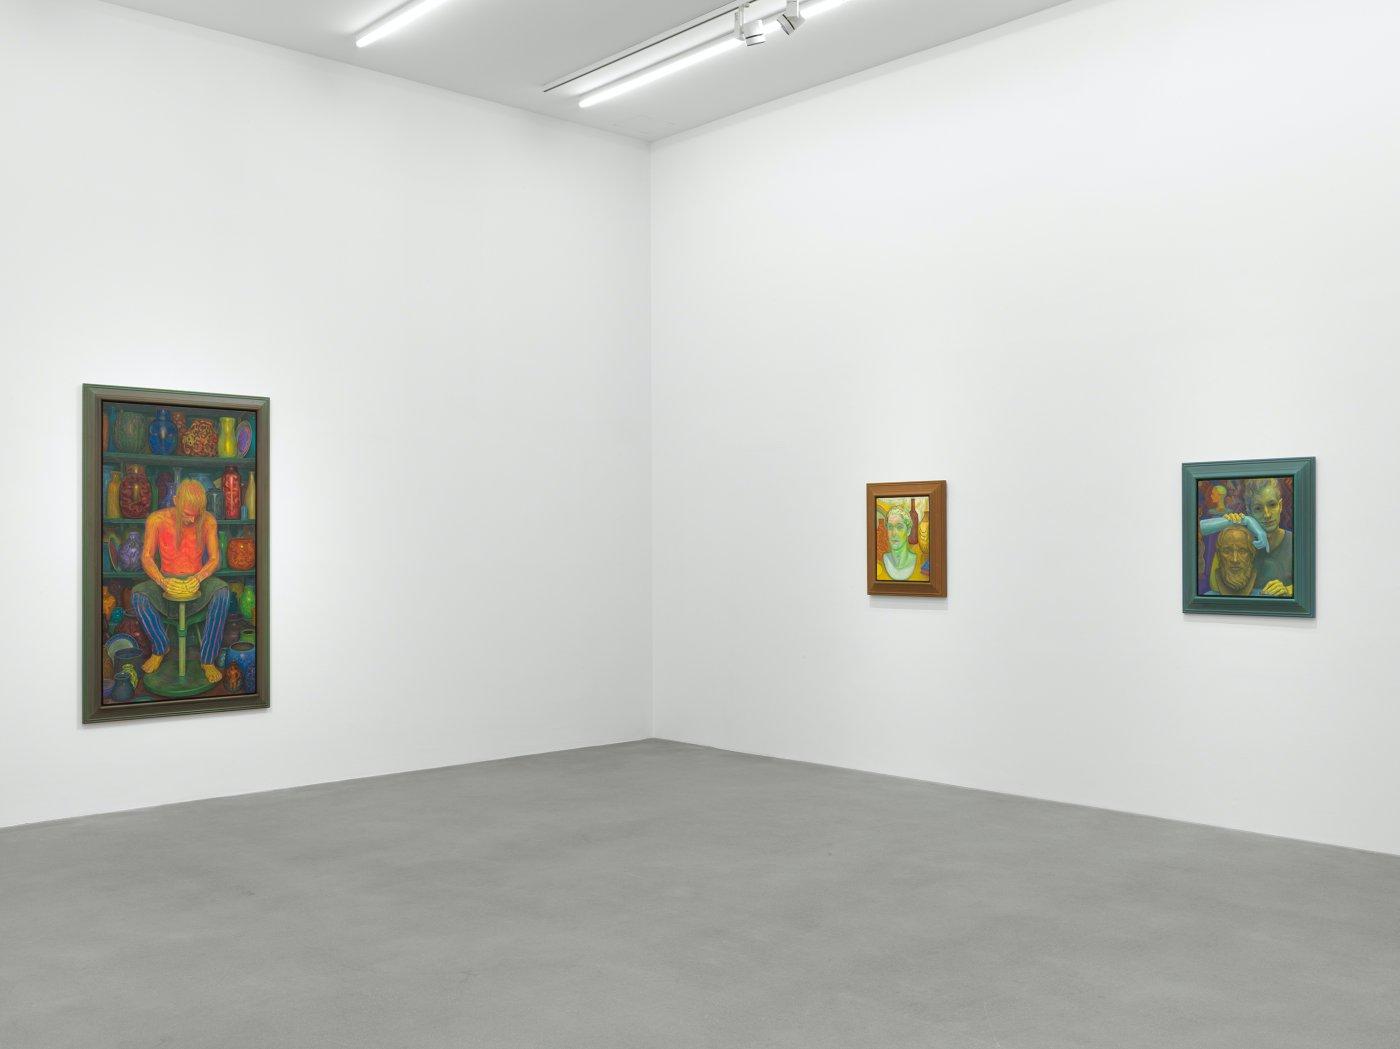 Galerie Eva Presenhuber Waldmannstrasse Steven Shearer 8